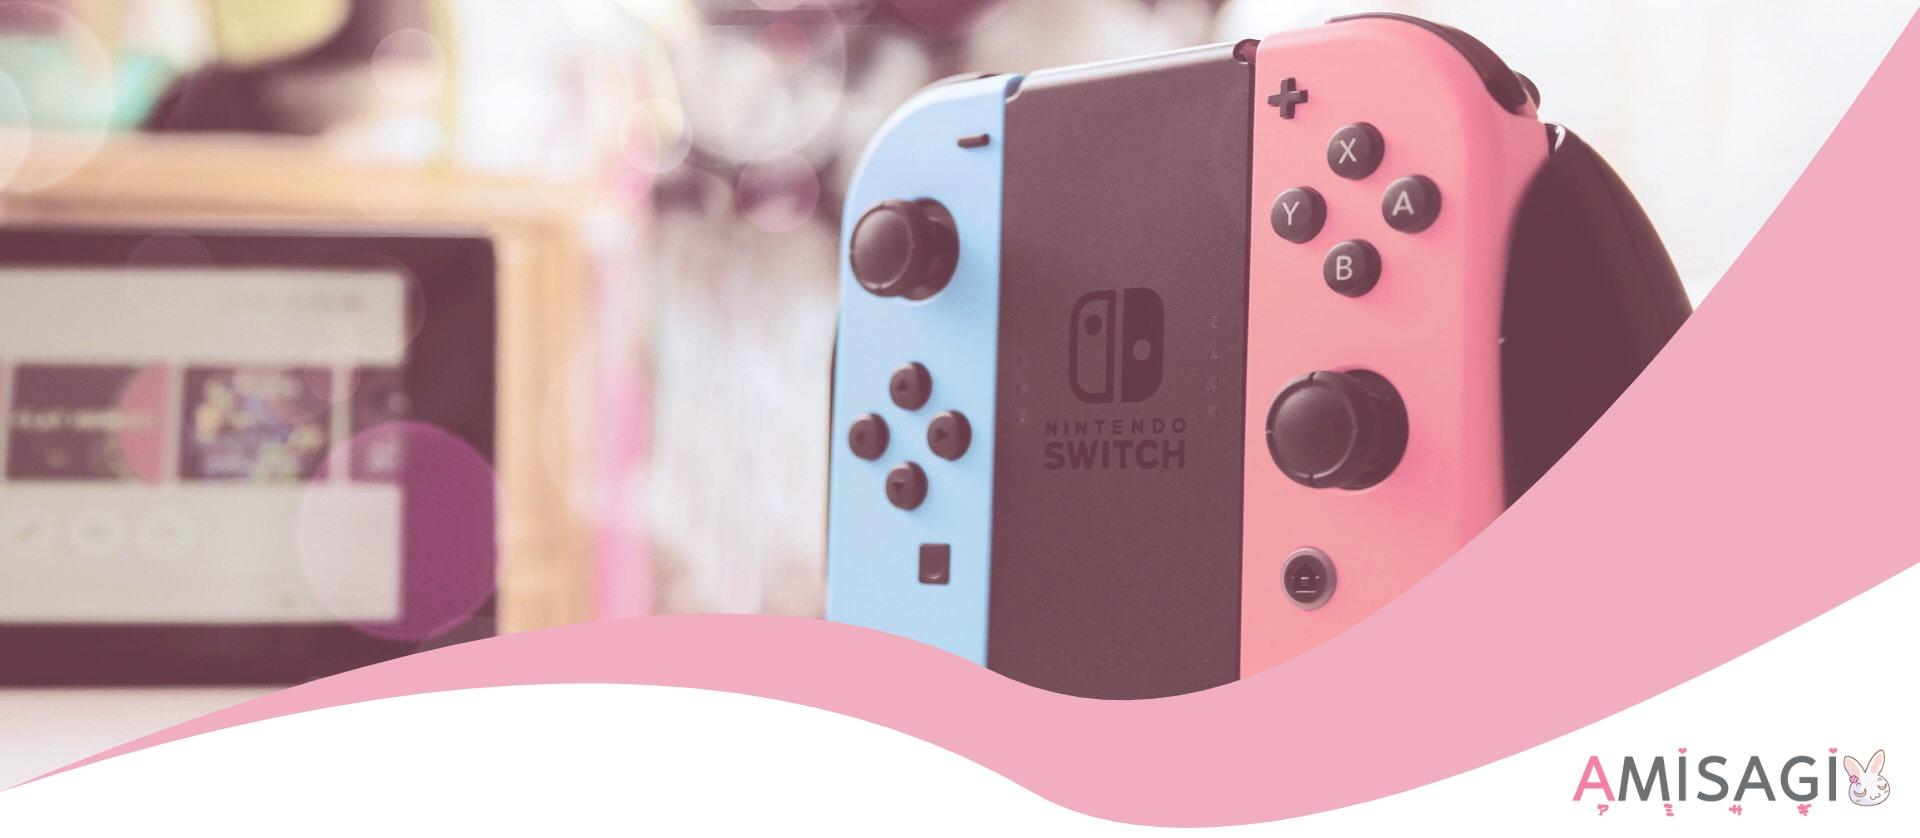 Kaufberatung: Nintendo Switch ausverkauft! Welche Alternativen gibt es?